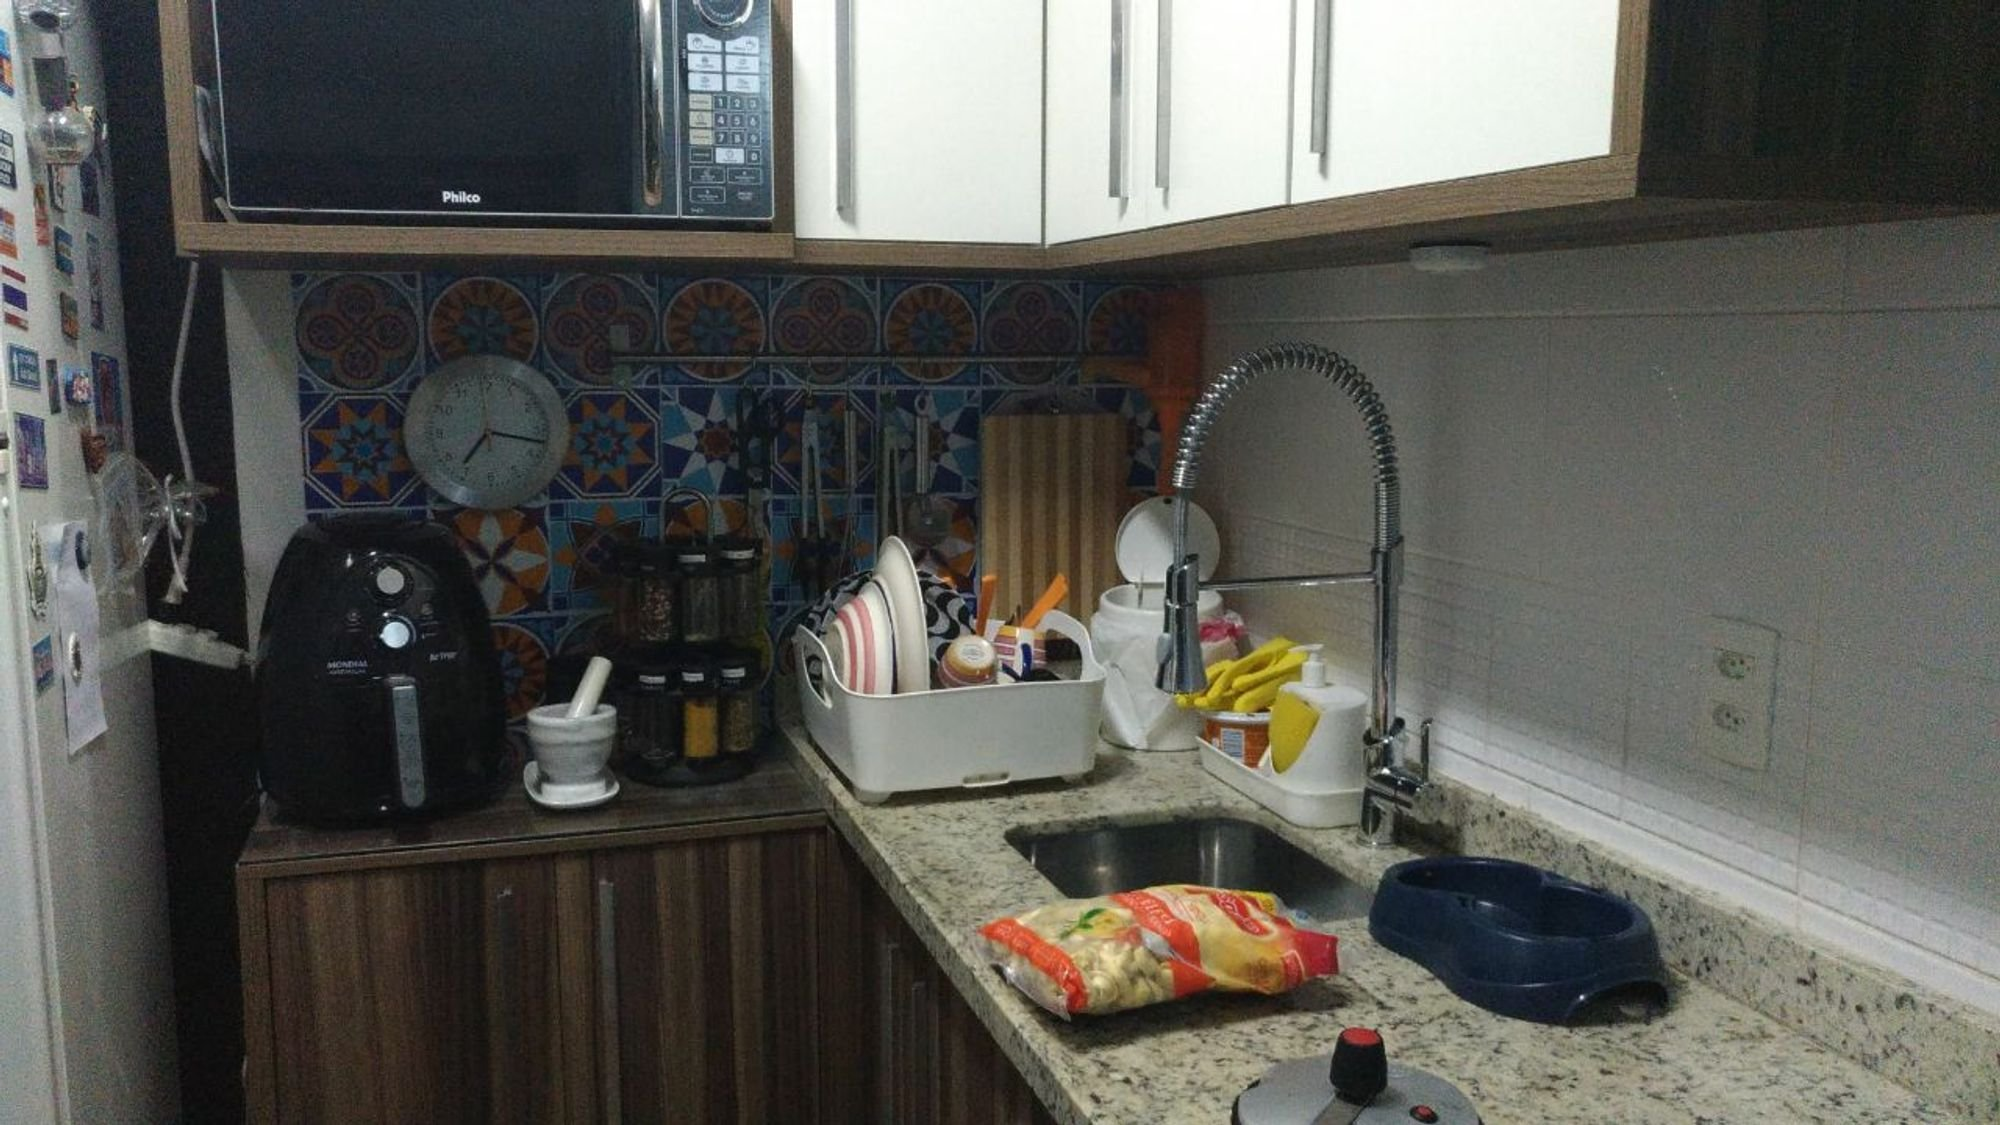 Foto de Cozinha com relógio, pia, microondas, xícara